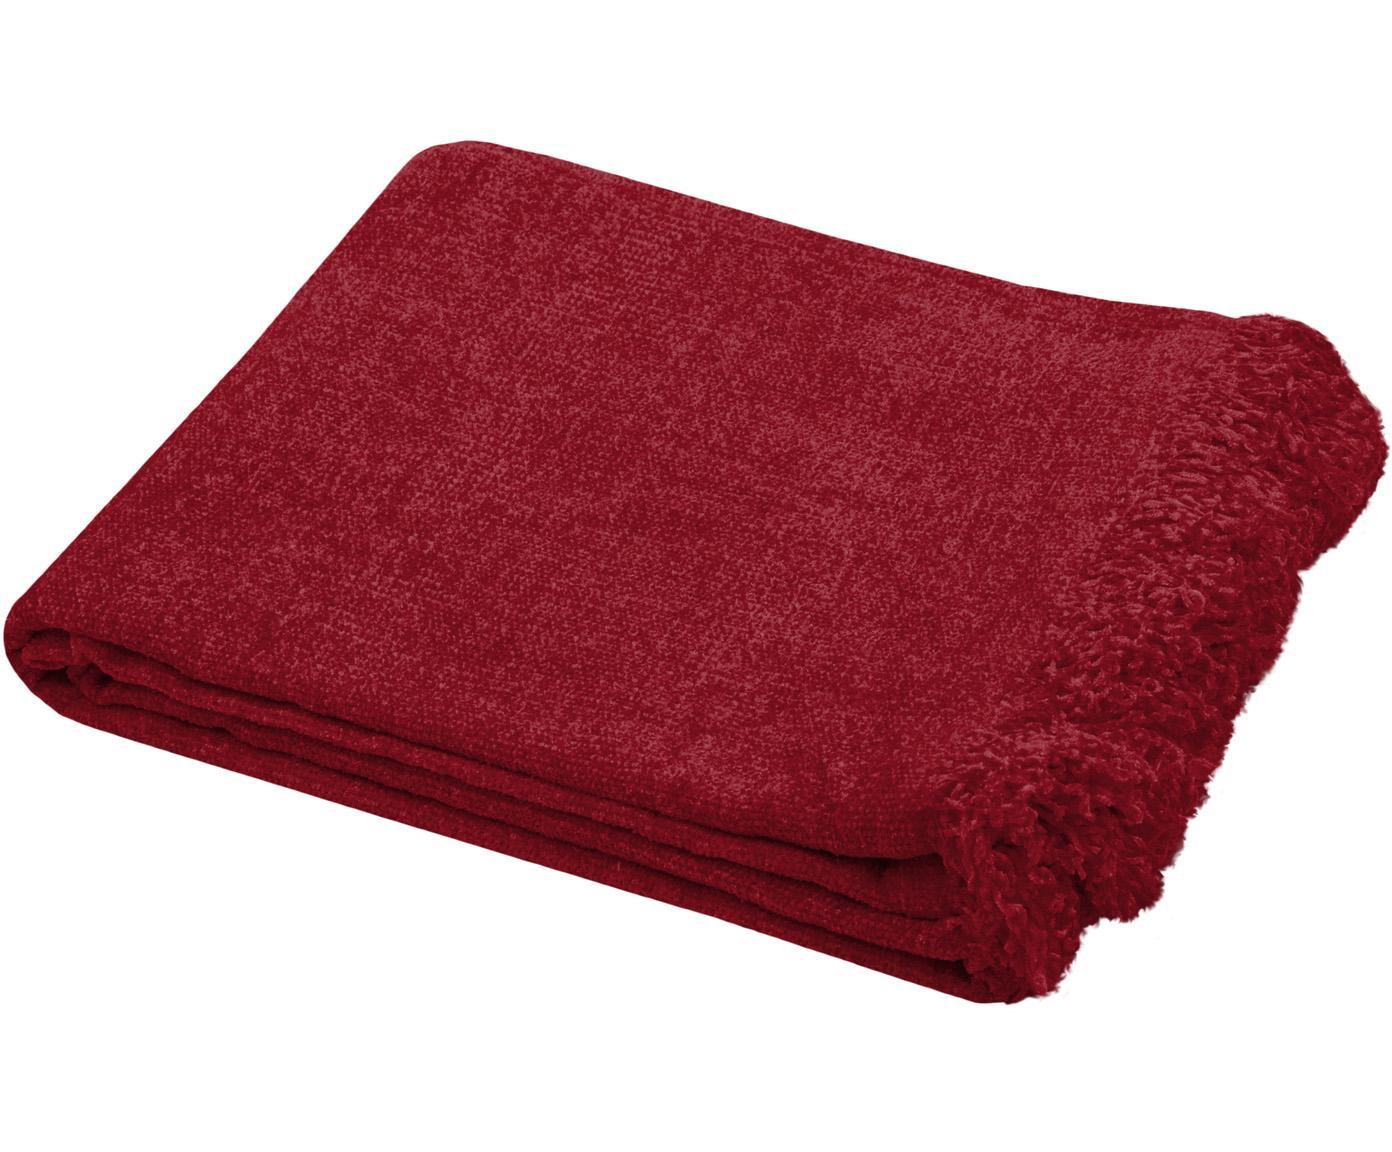 Weiches Chenille-Plaid Chila mit Fransen, 100% Polyester, Rot, 125 x 150 cm